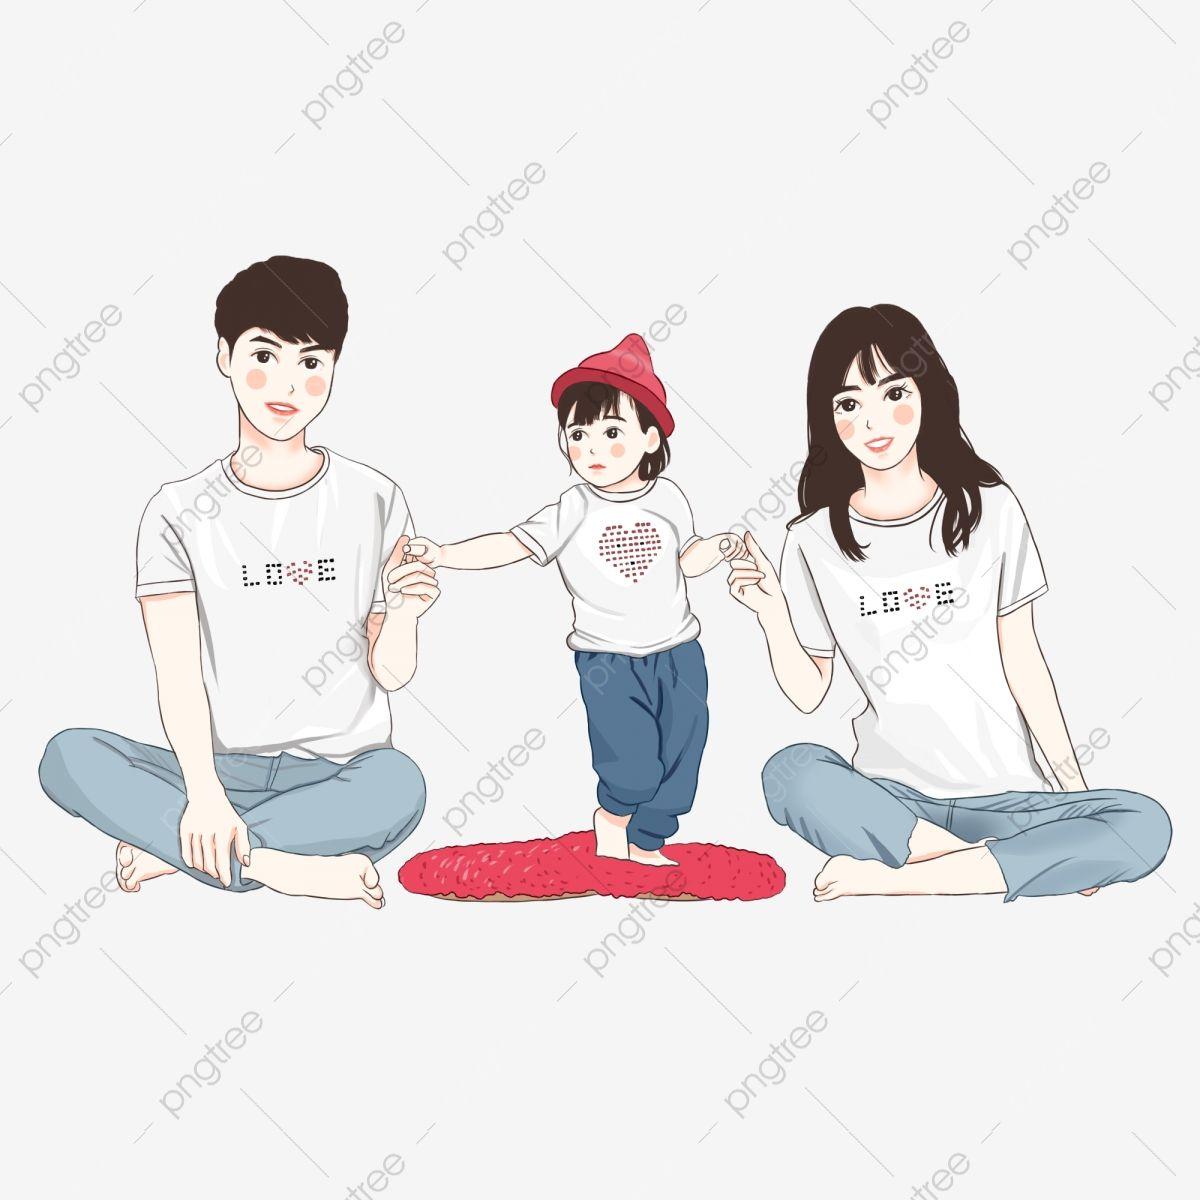 การ ต นวาดด วยม อ ลมเกาหล ครอบคร วสามคน ภาพครอบคร ว ภาพต ดปะครอบคร ว ครอบคร ว น าร กภาพ Png และ Psd สำหร บดาวน โหลดฟร ศ ลปะลายม อ ภาพครอบคร ว การออกแบบต วละคร